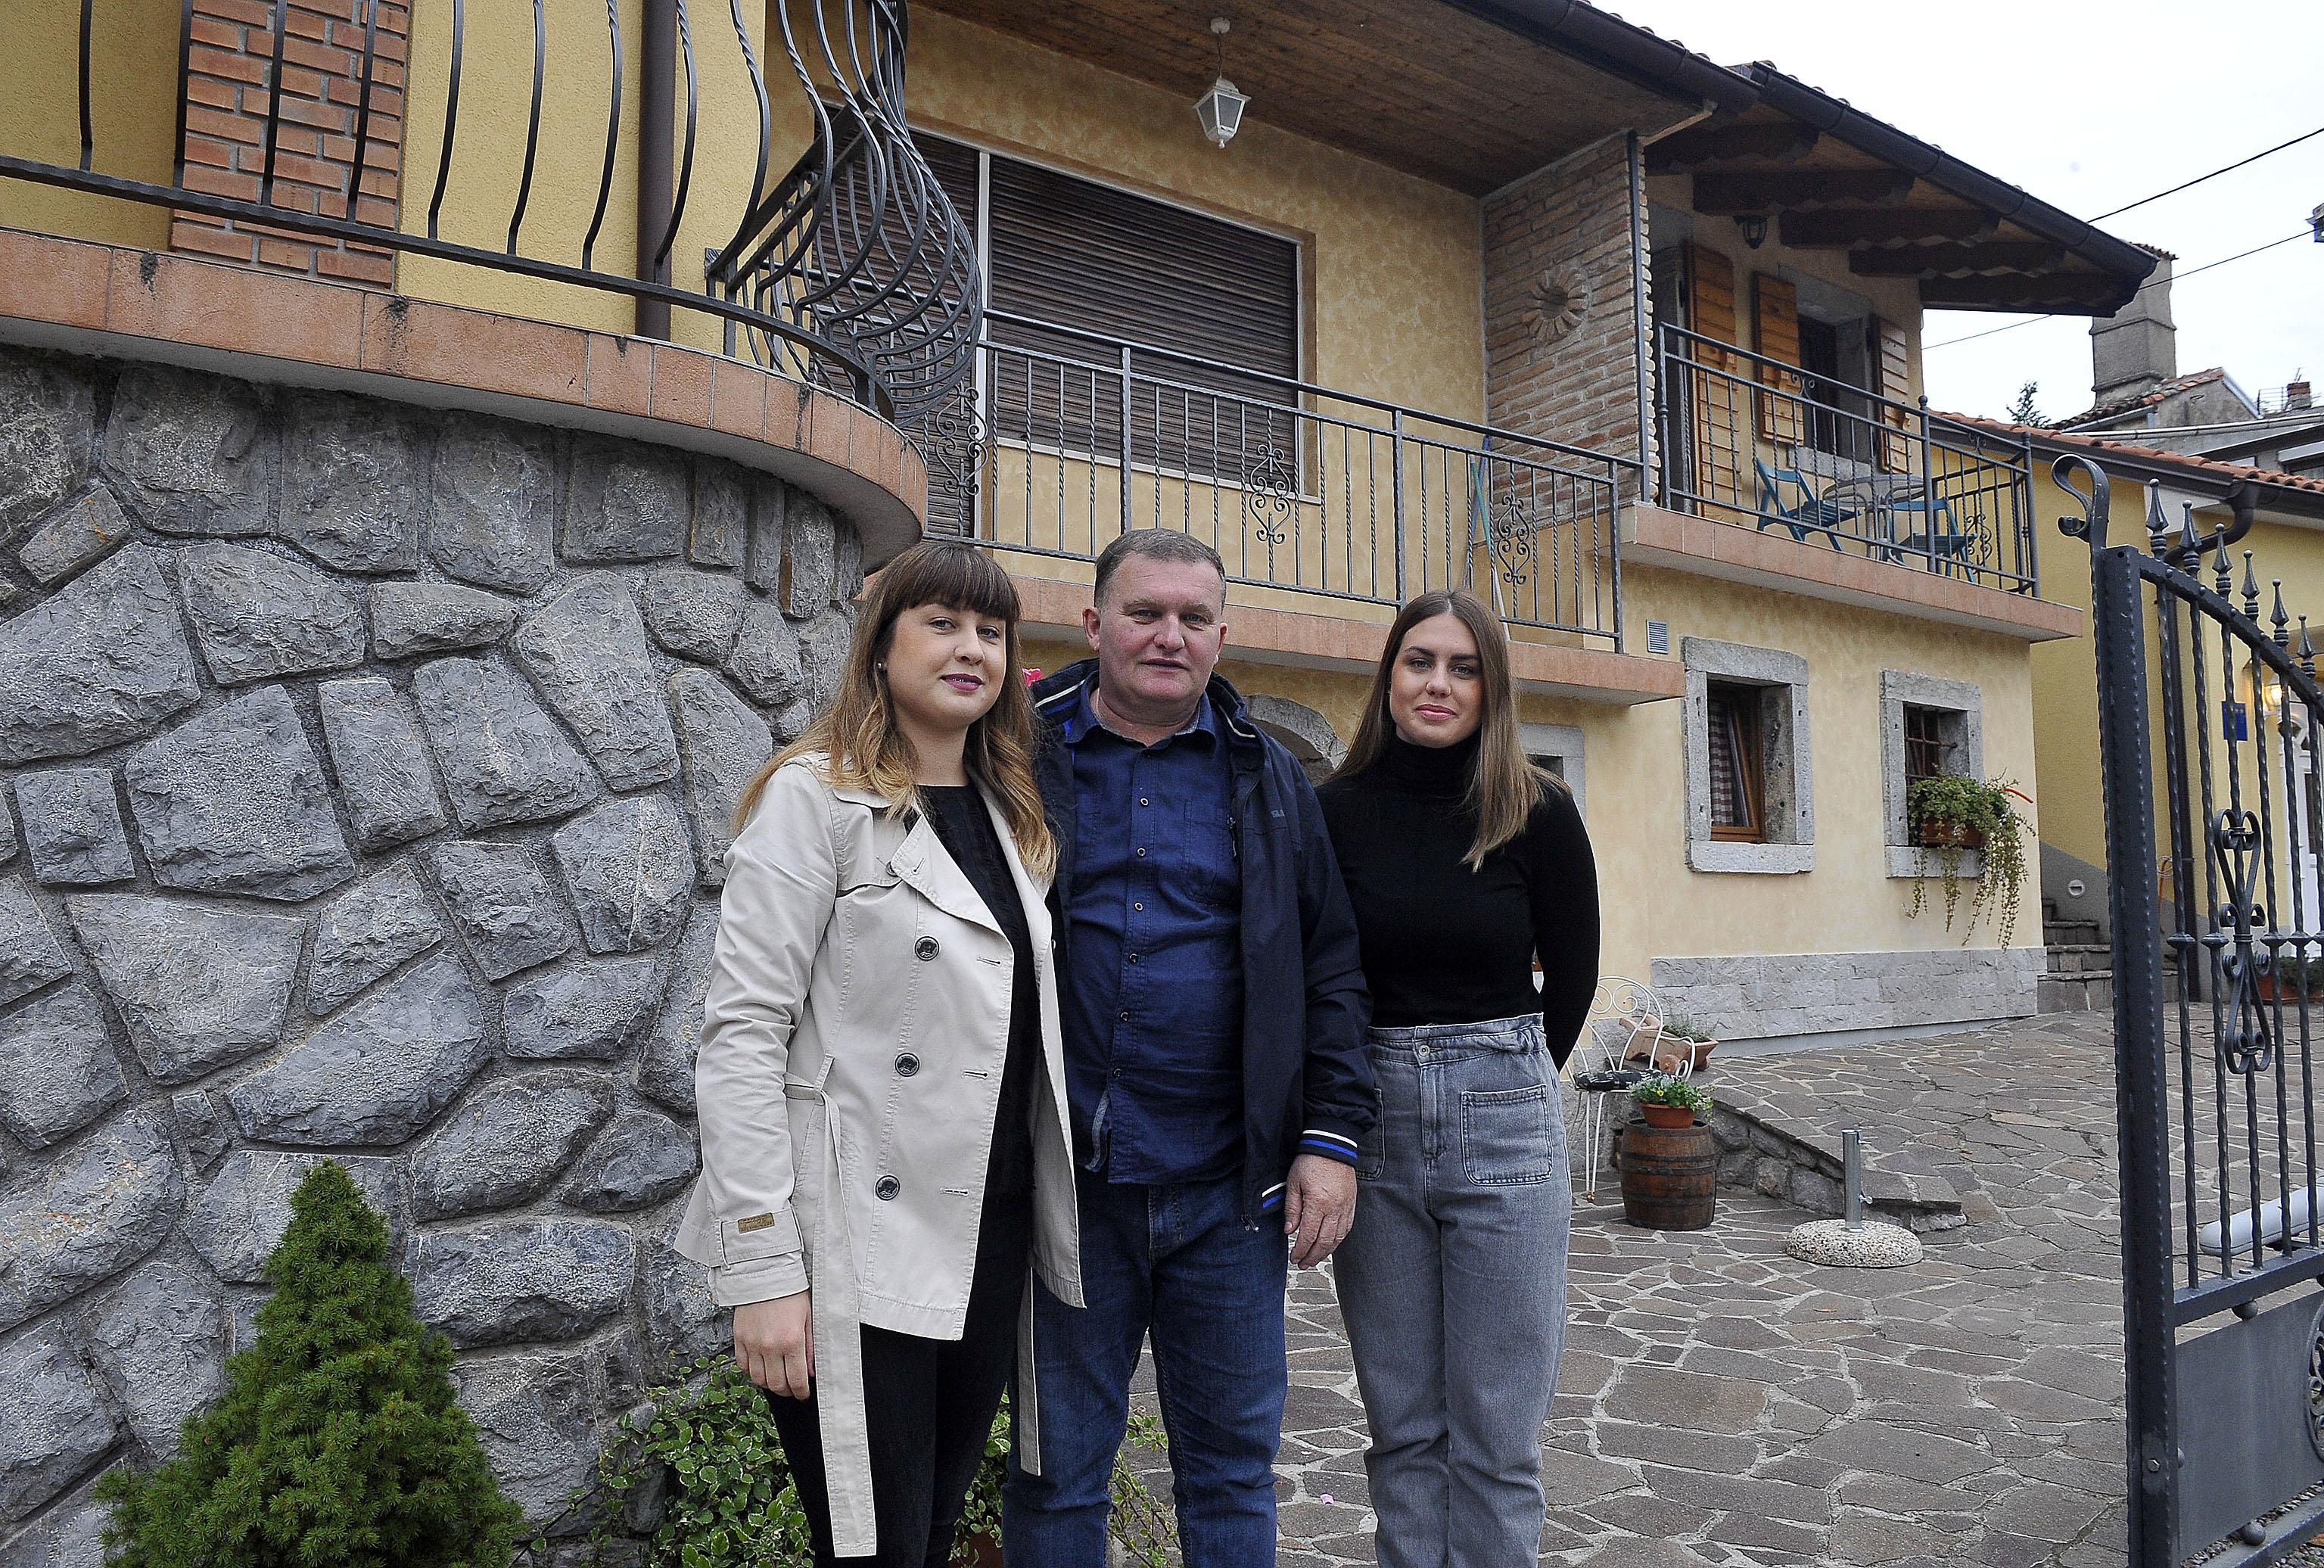 Skladna obitelj razvija turizam u Trtnima / Foto: R. BRMALJ